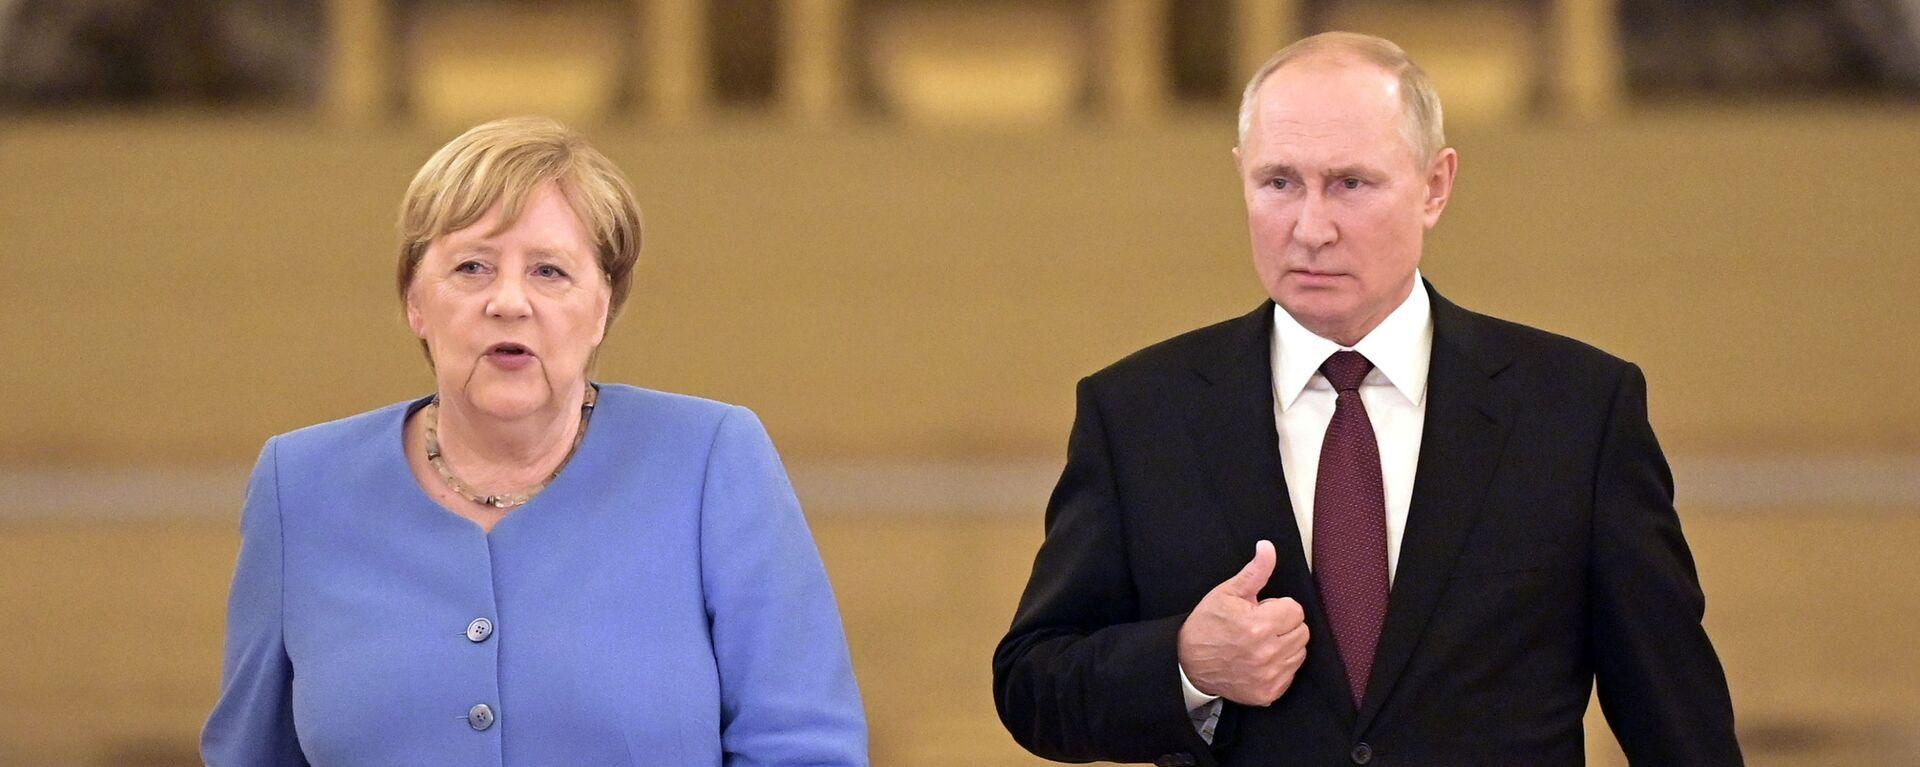 Německá kancléřka Angela Merkelová a ruský prezident Vladimir Putin přicházejí k novinářům - Sputnik Česká republika, 1920, 20.08.2021